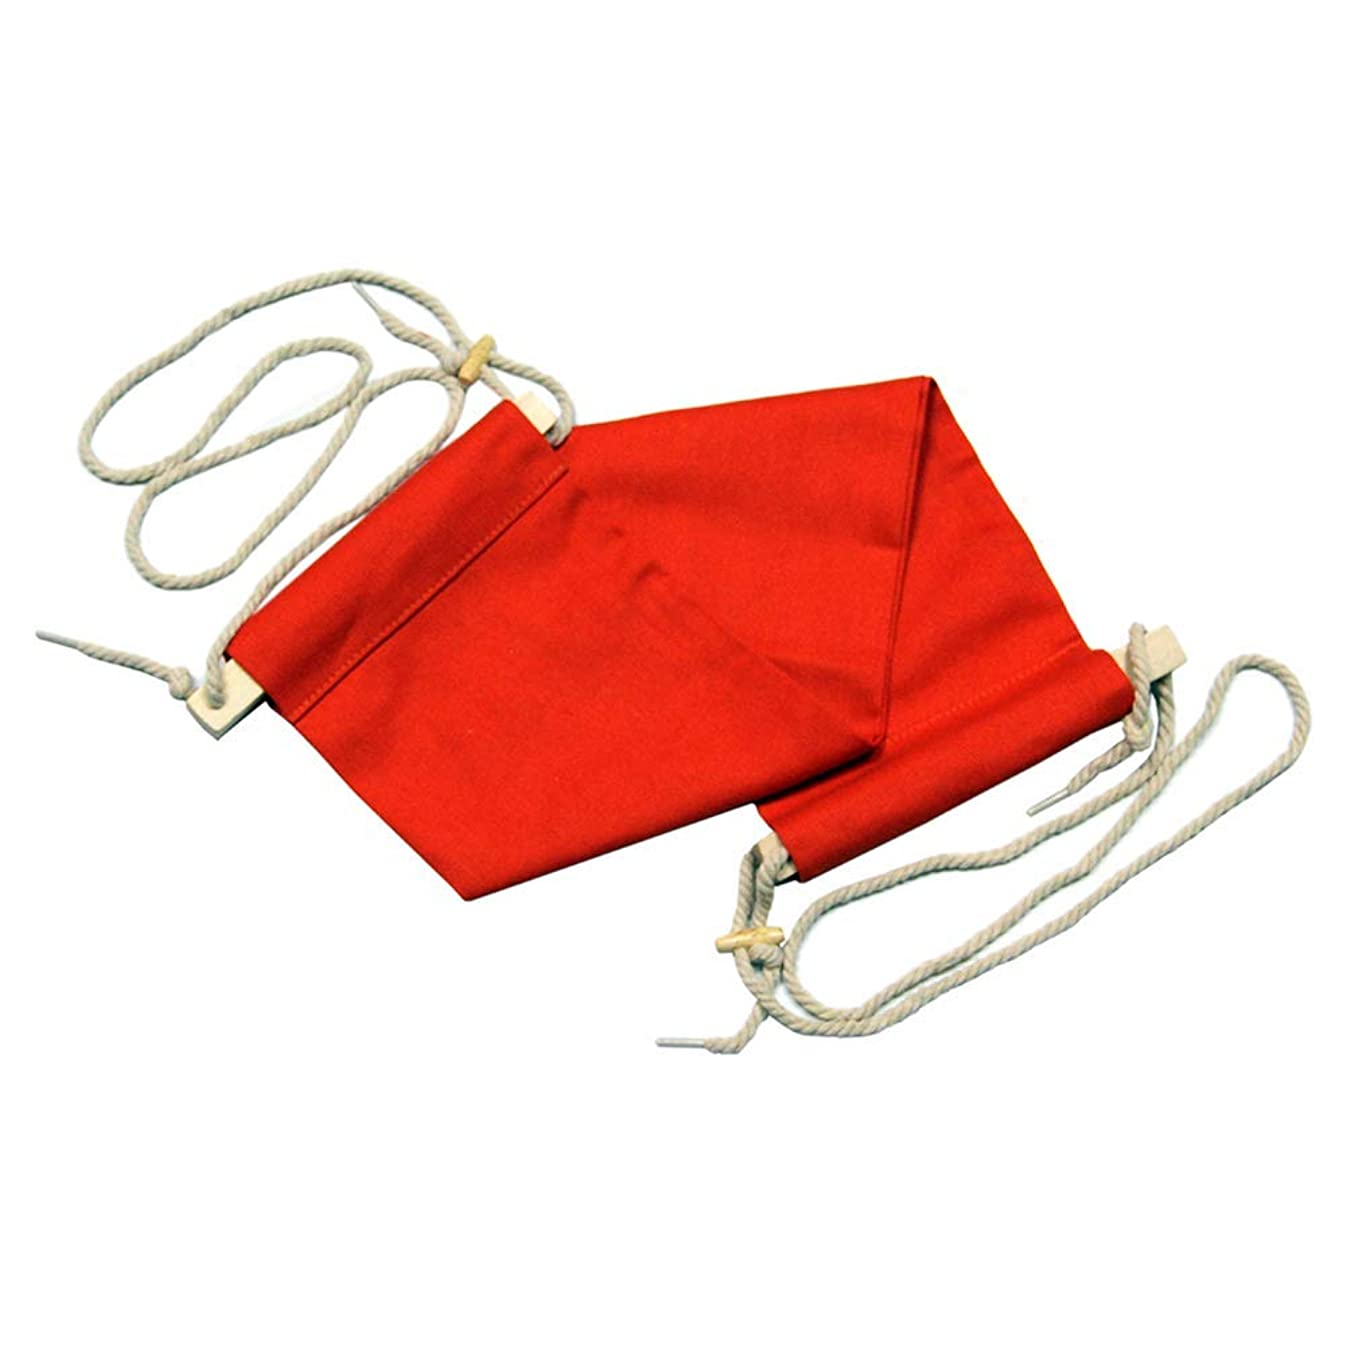 リードさわやか凶暴な(Navy/Green/Orange) - FUUT - Put your foot up on the hammock under the desk comfortable for Your foot Colour in Random(Navy/Green/Pink/Yellow/White)